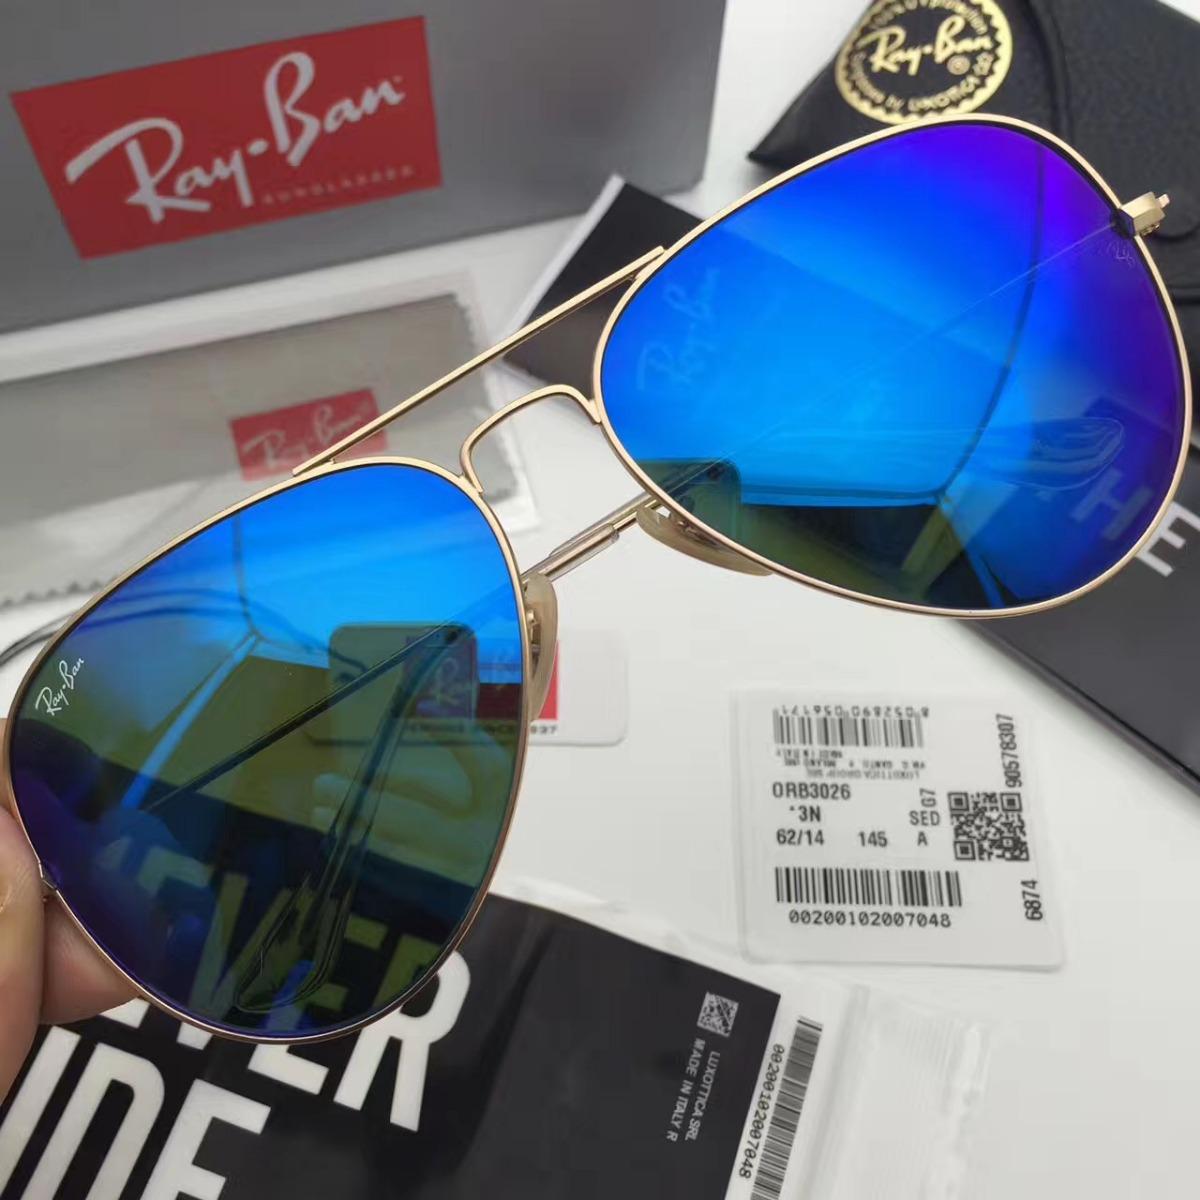 3b26e58ab oculos de sol ray ban aviador rb3025 rb3026 azul original. Carregando zoom.